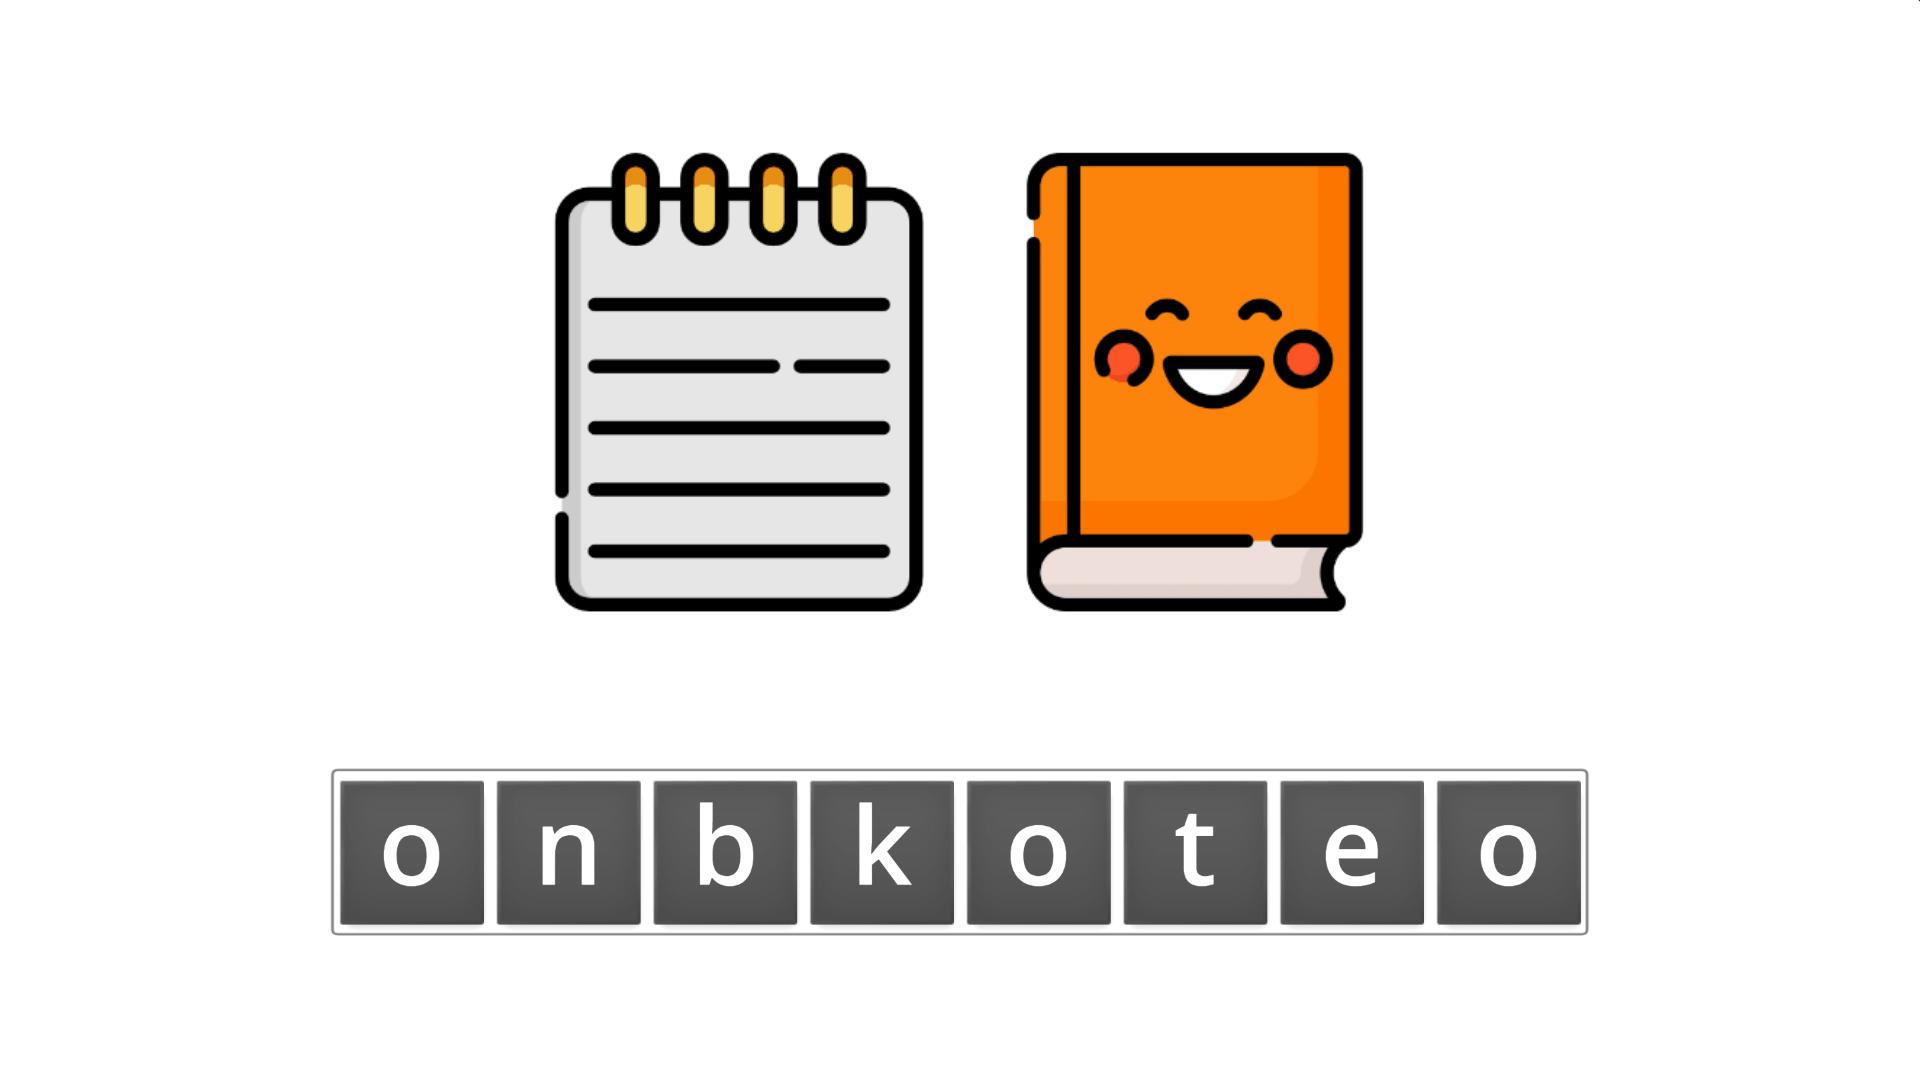 esl resources - flashcards - compound nouns  - unscramble - notebook